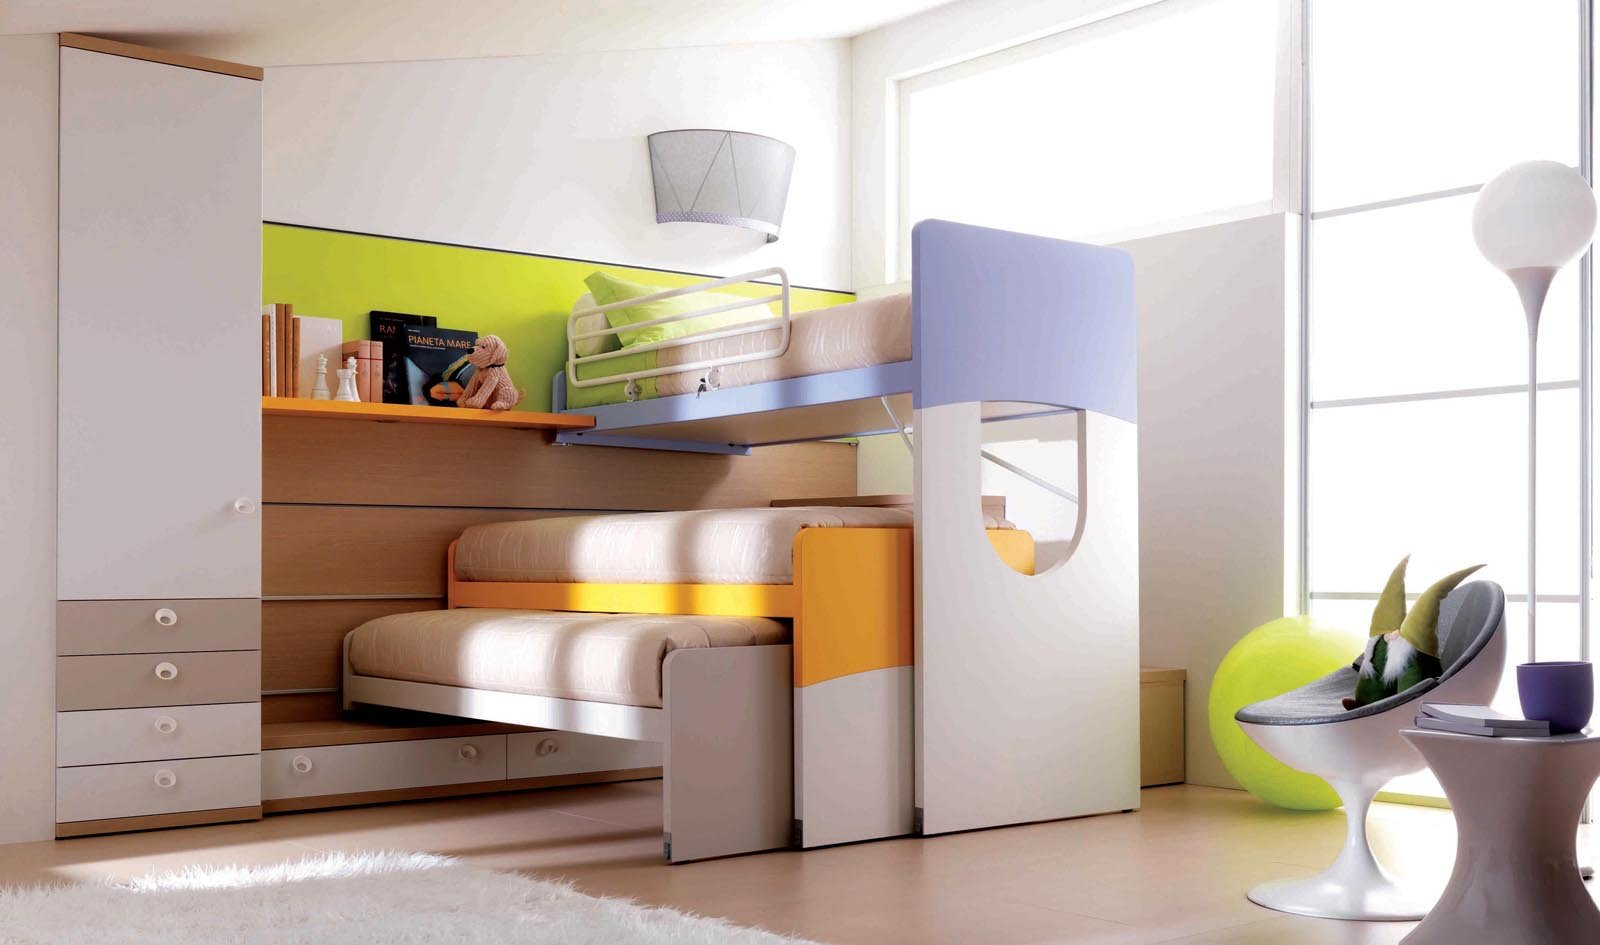 Camerette funzionalit a misura di bambino cose di casa for Piccoli piani di casa francese